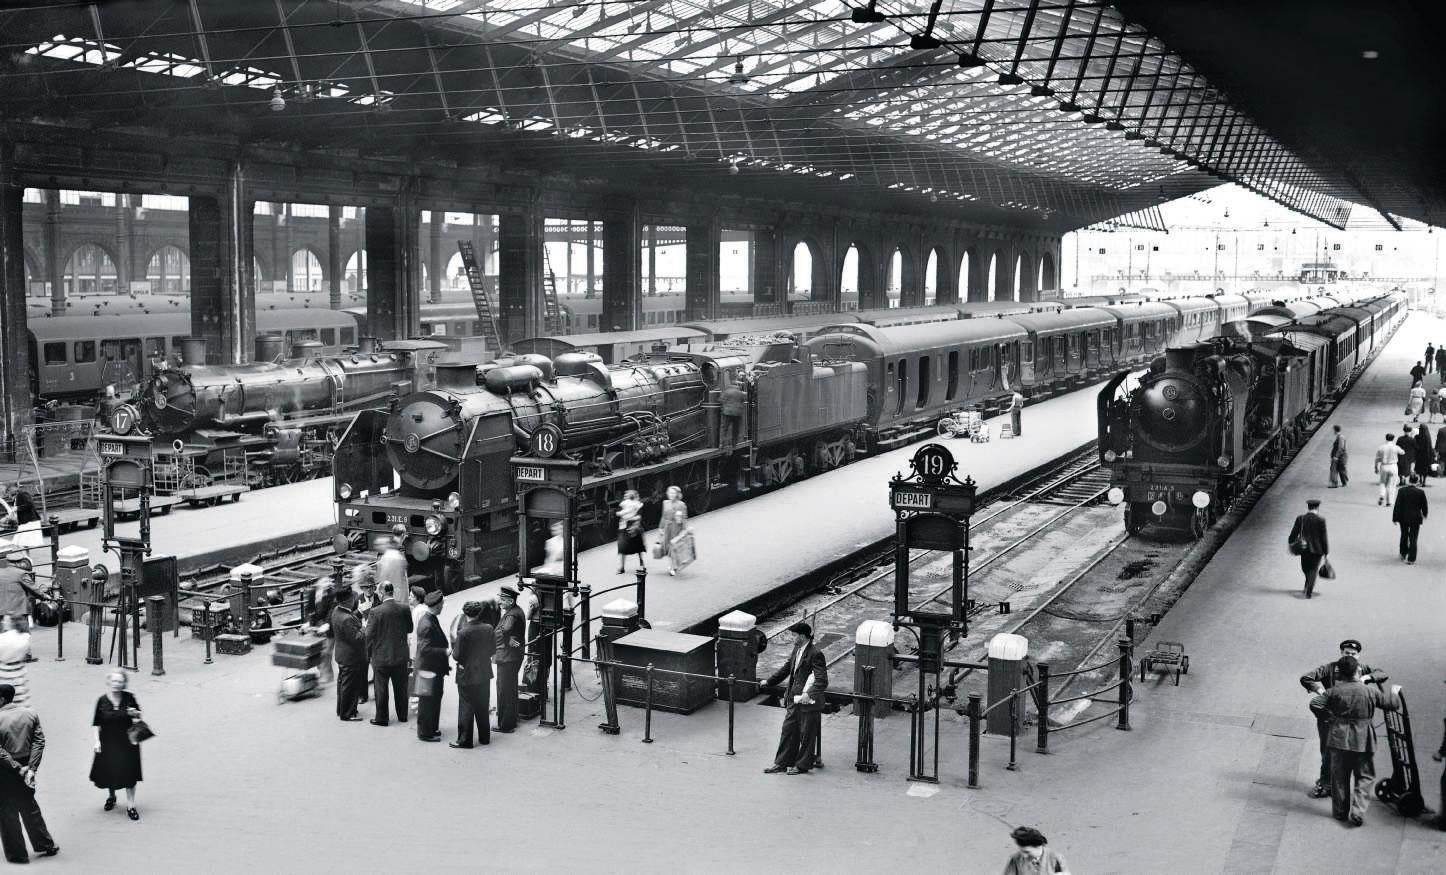 Locomotive vapeur gare du nord 230 D